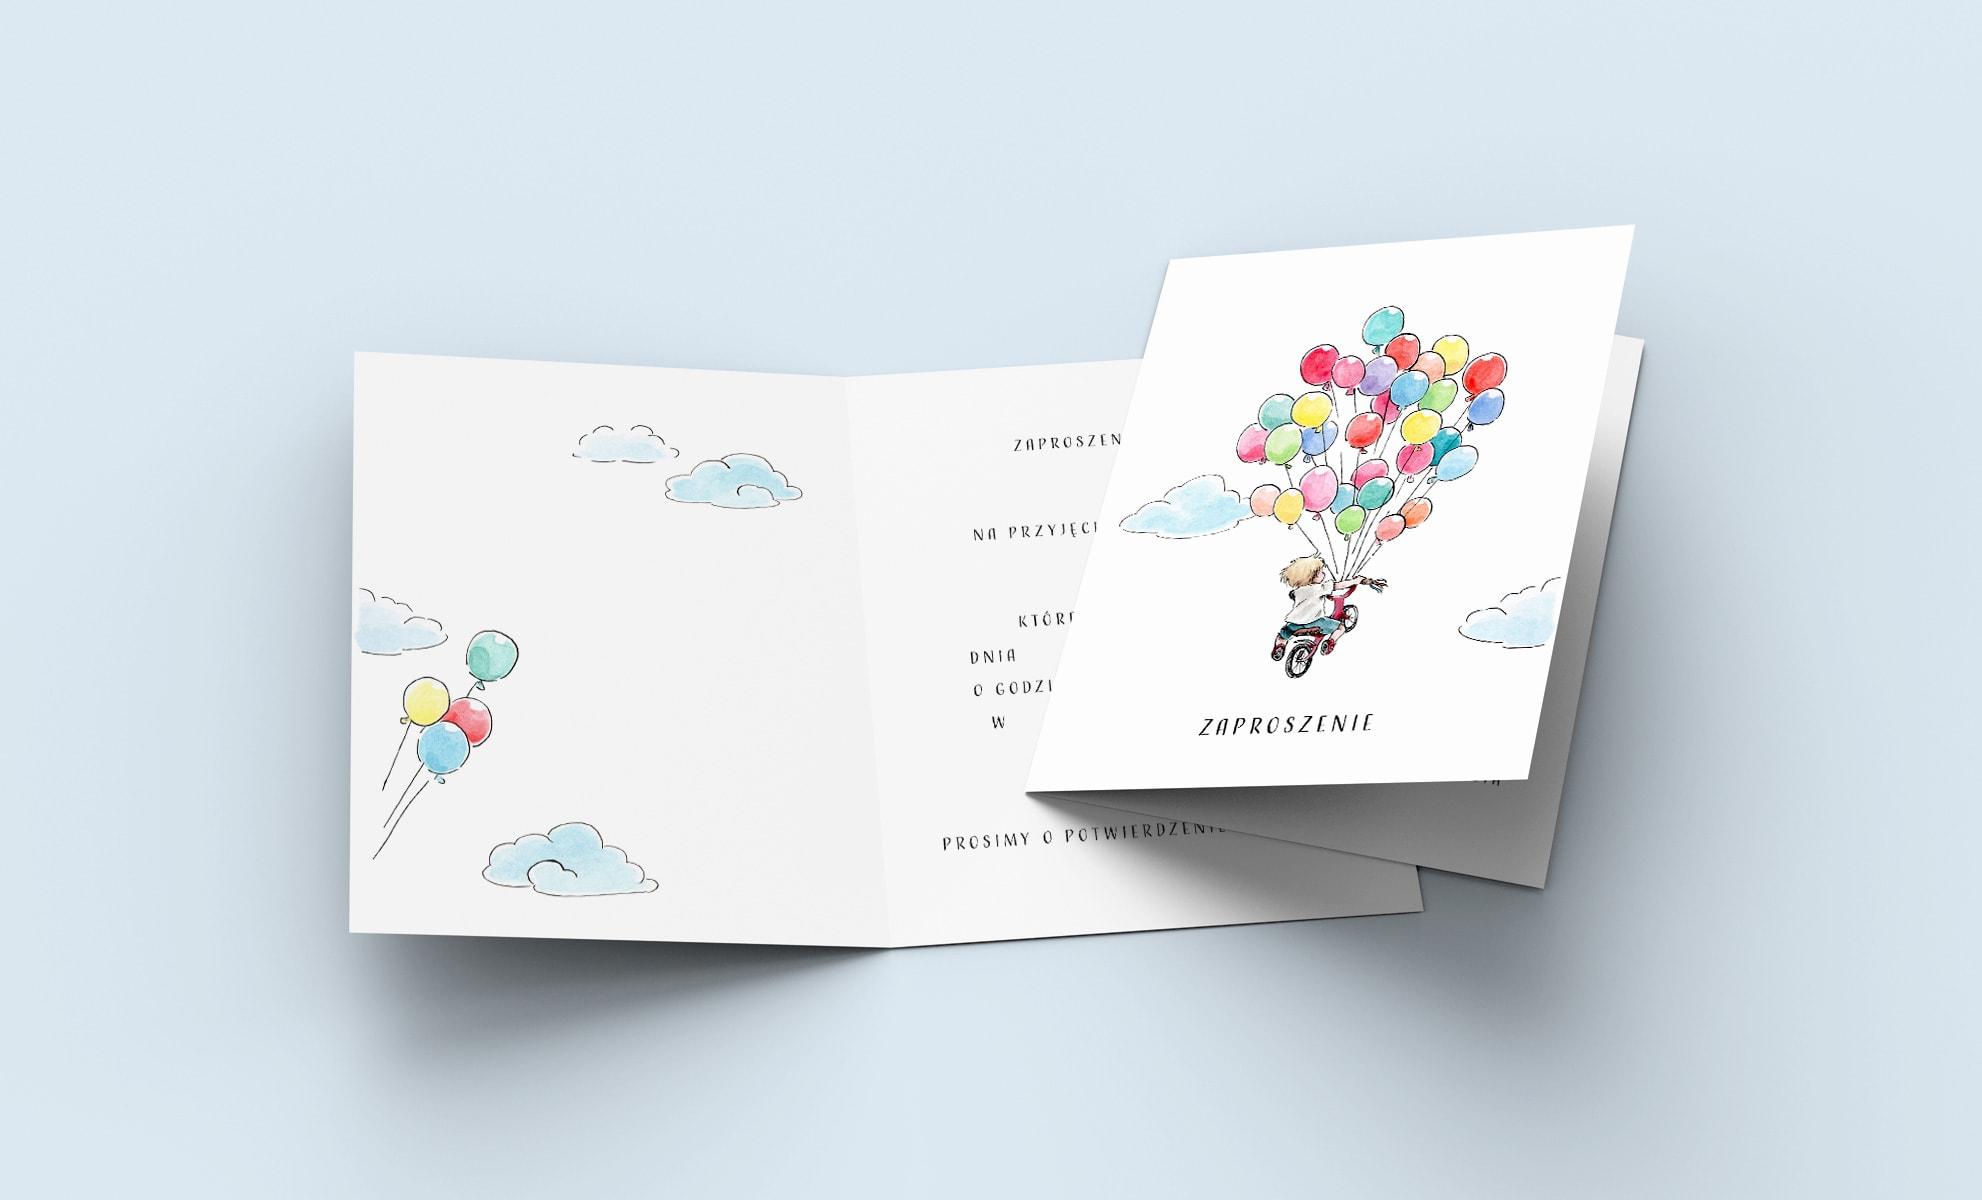 Zaproszenia urodzinowe, chłopczyk na rowerku z kolorowymi balonikami